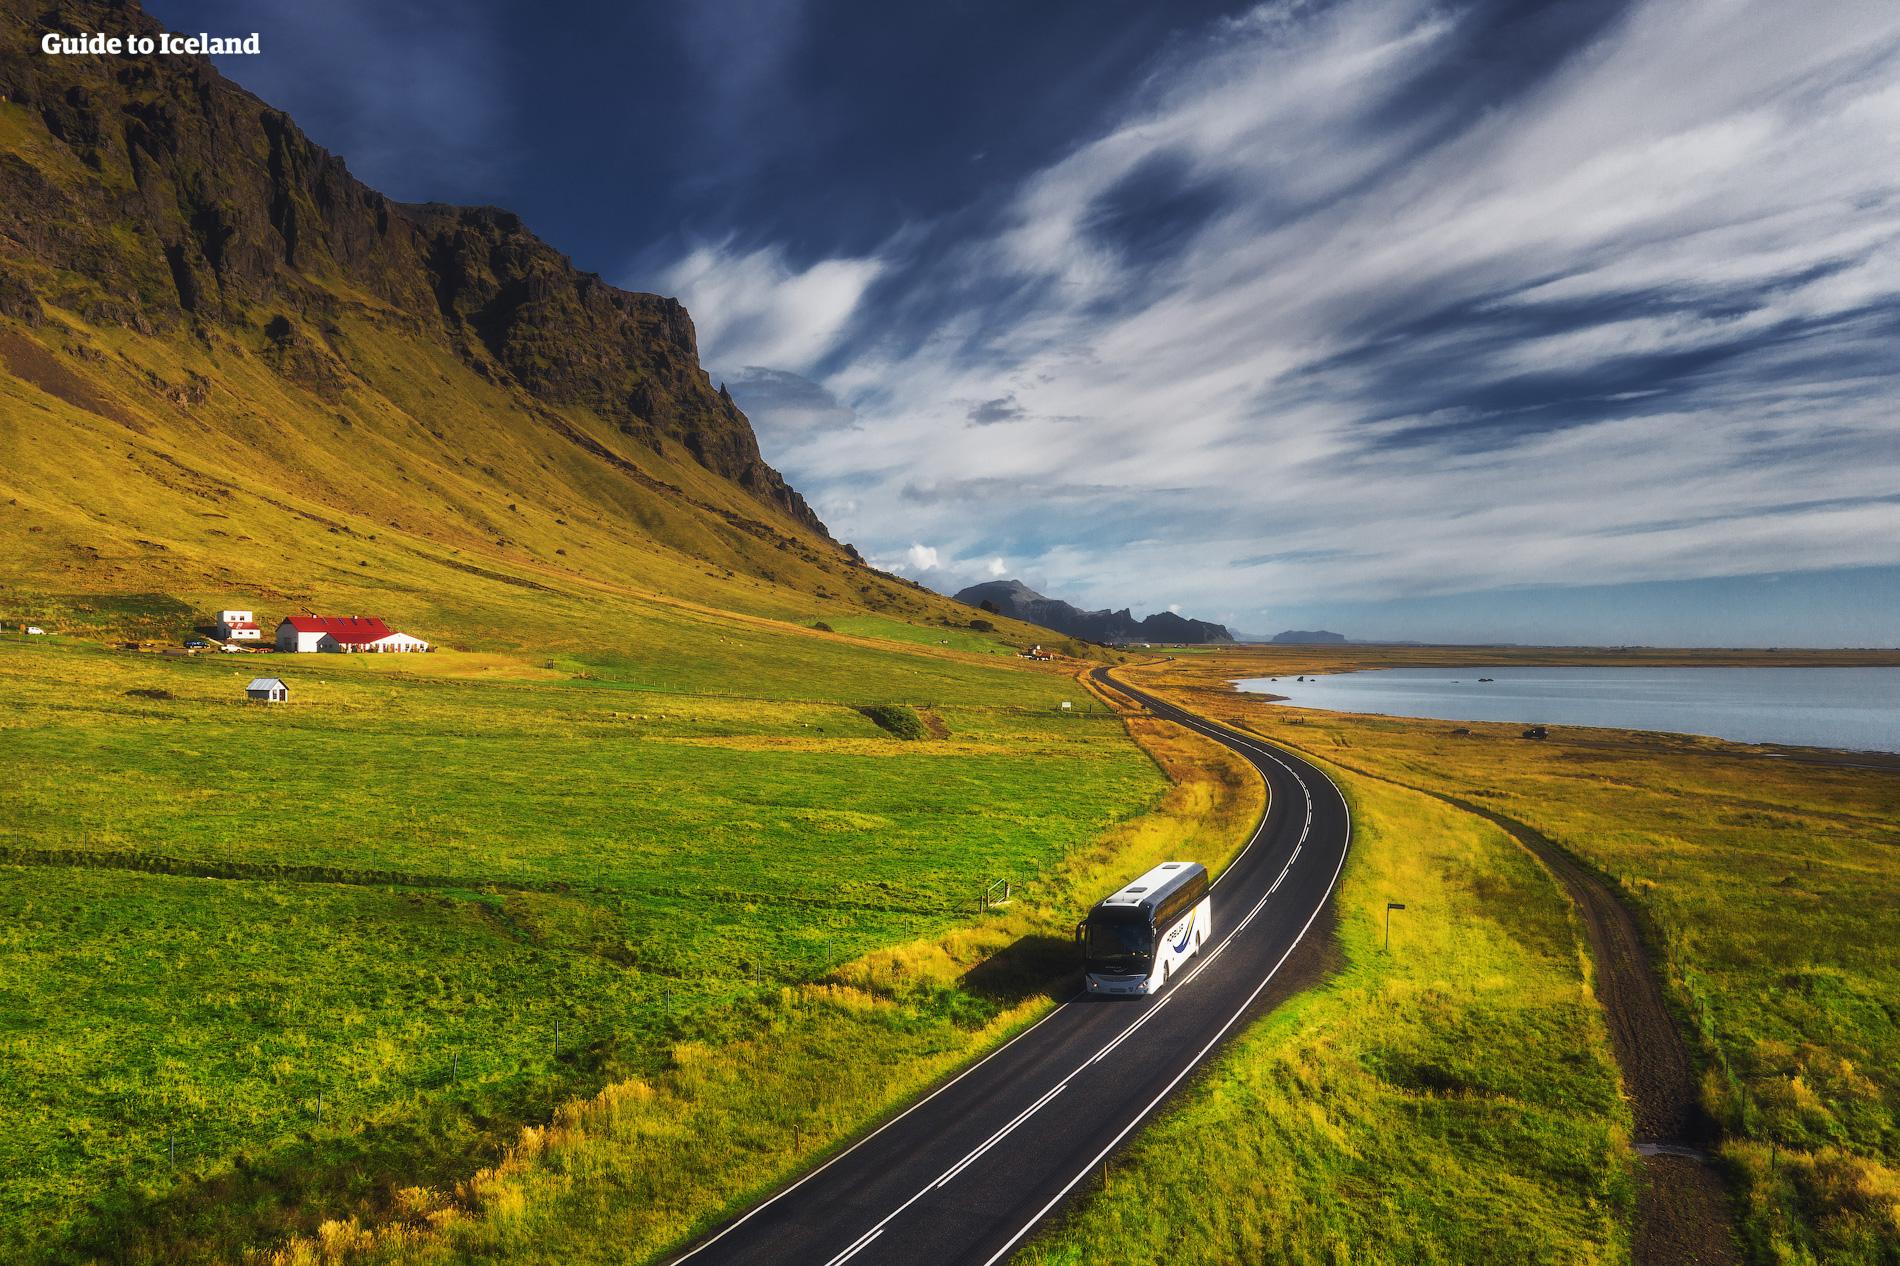 Eine Mietwagenrundreise in Island ist eine schöne Art, das Land zu sehen.